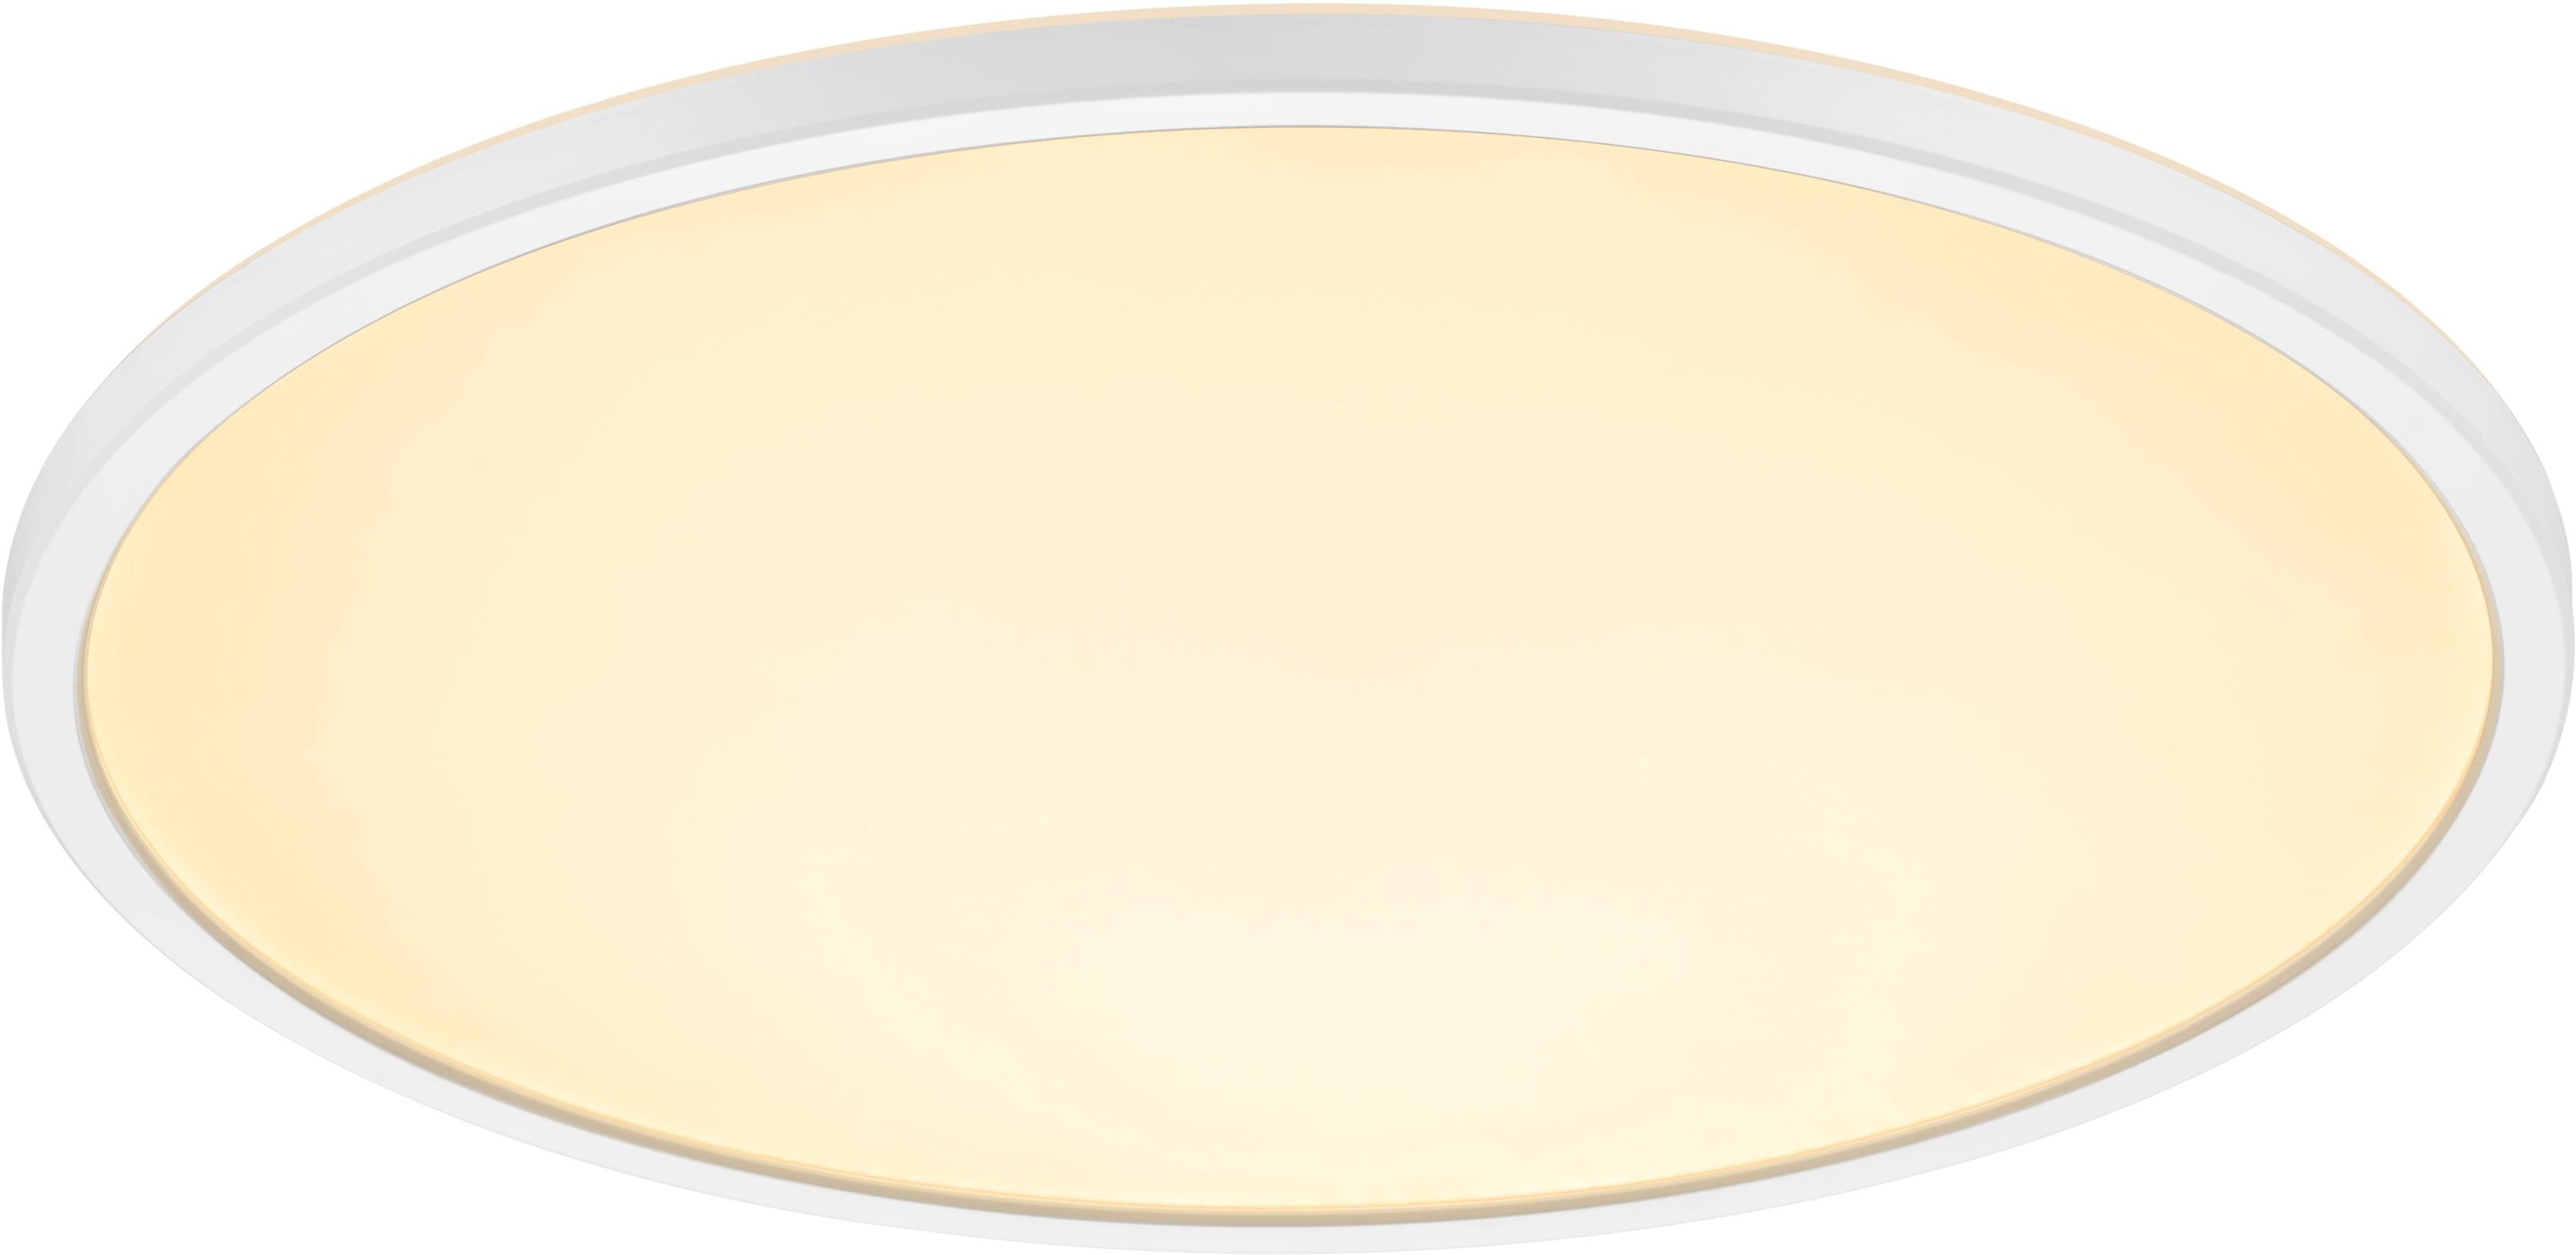 Nordlux Deckenleuchte Oja 42 2700k, LED-Board, Warmweiß, Deckenlampe